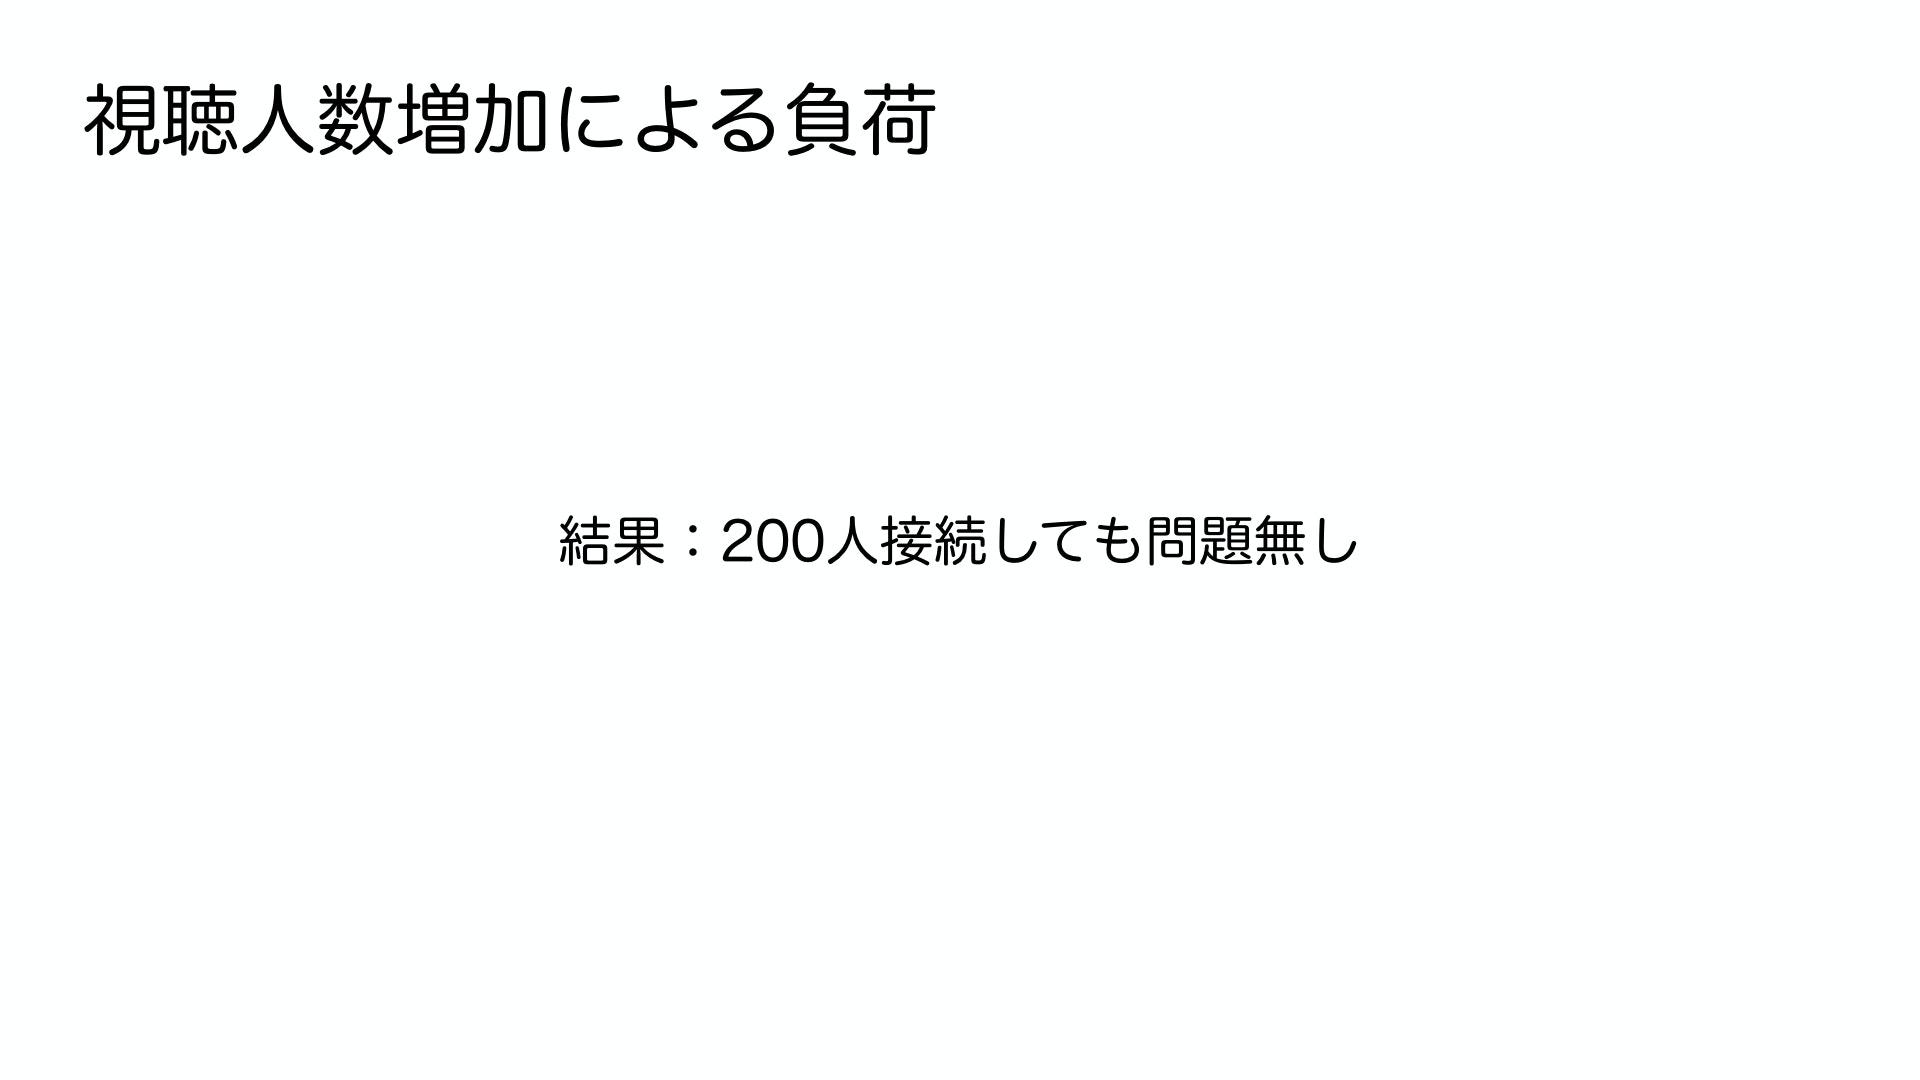 資料.017.jpeg